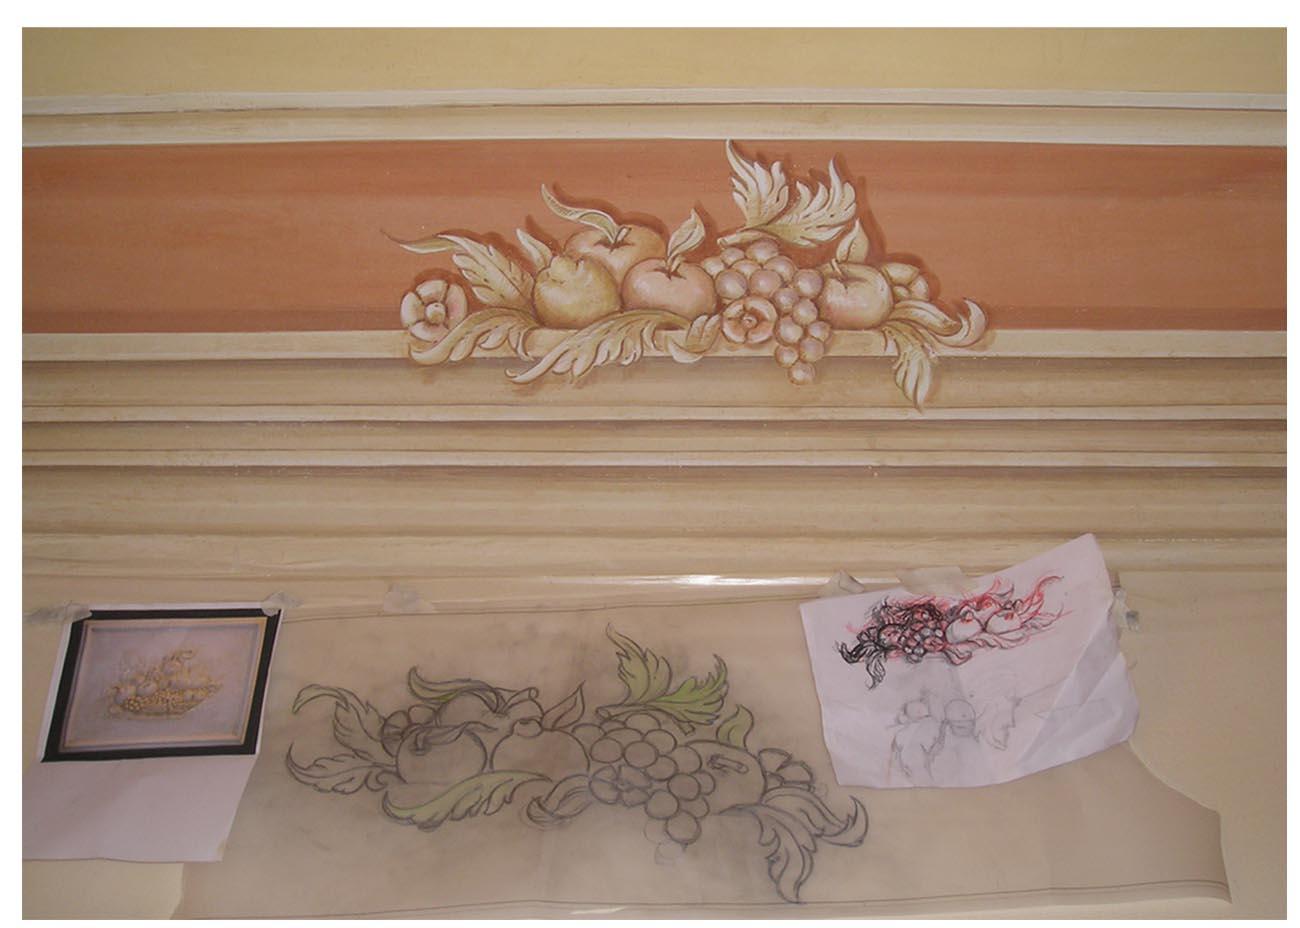 Decorazioni arredamento d 39 interni restauri e ripristini for Blog decorazione interni